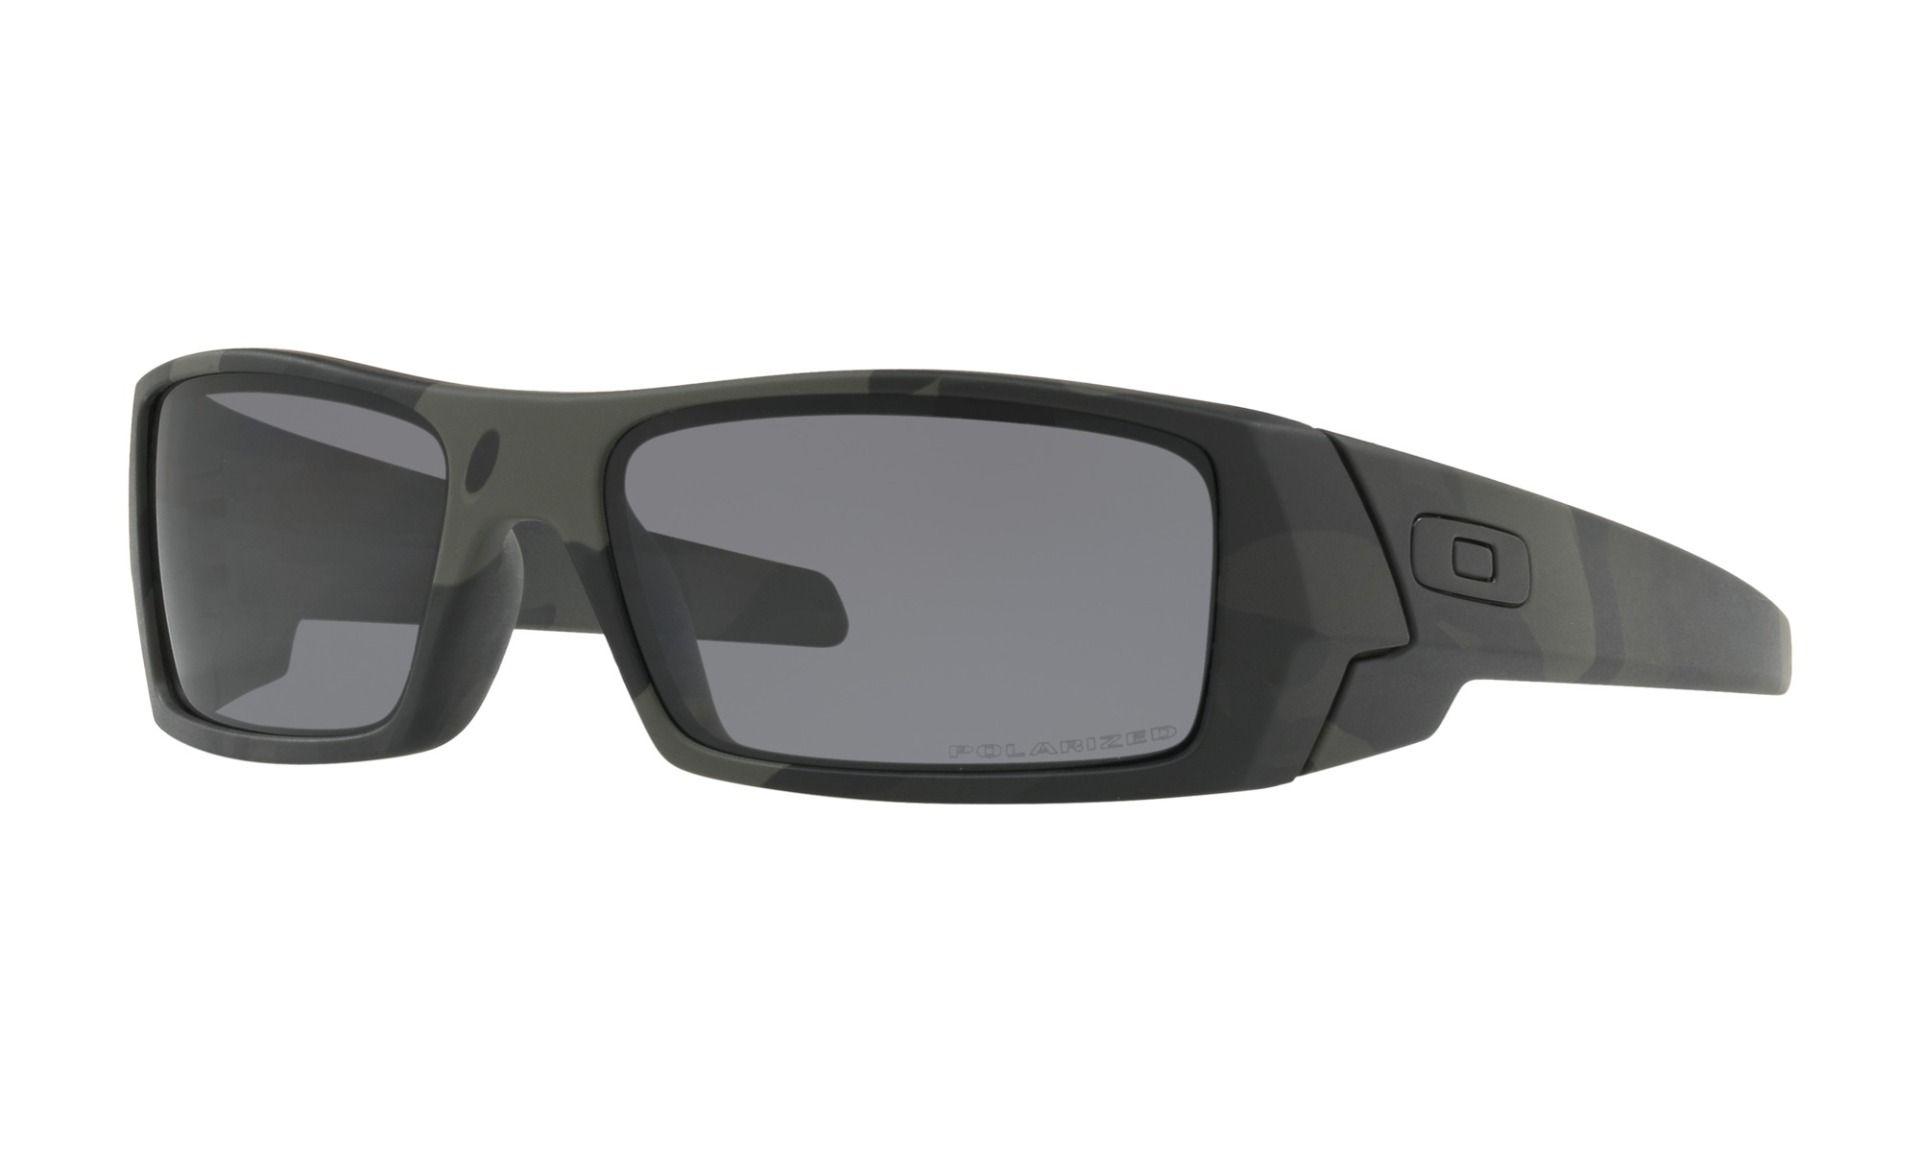 52427db9c8 oo9014-03 gascan multicam-black-grey-polarized 001.jpg